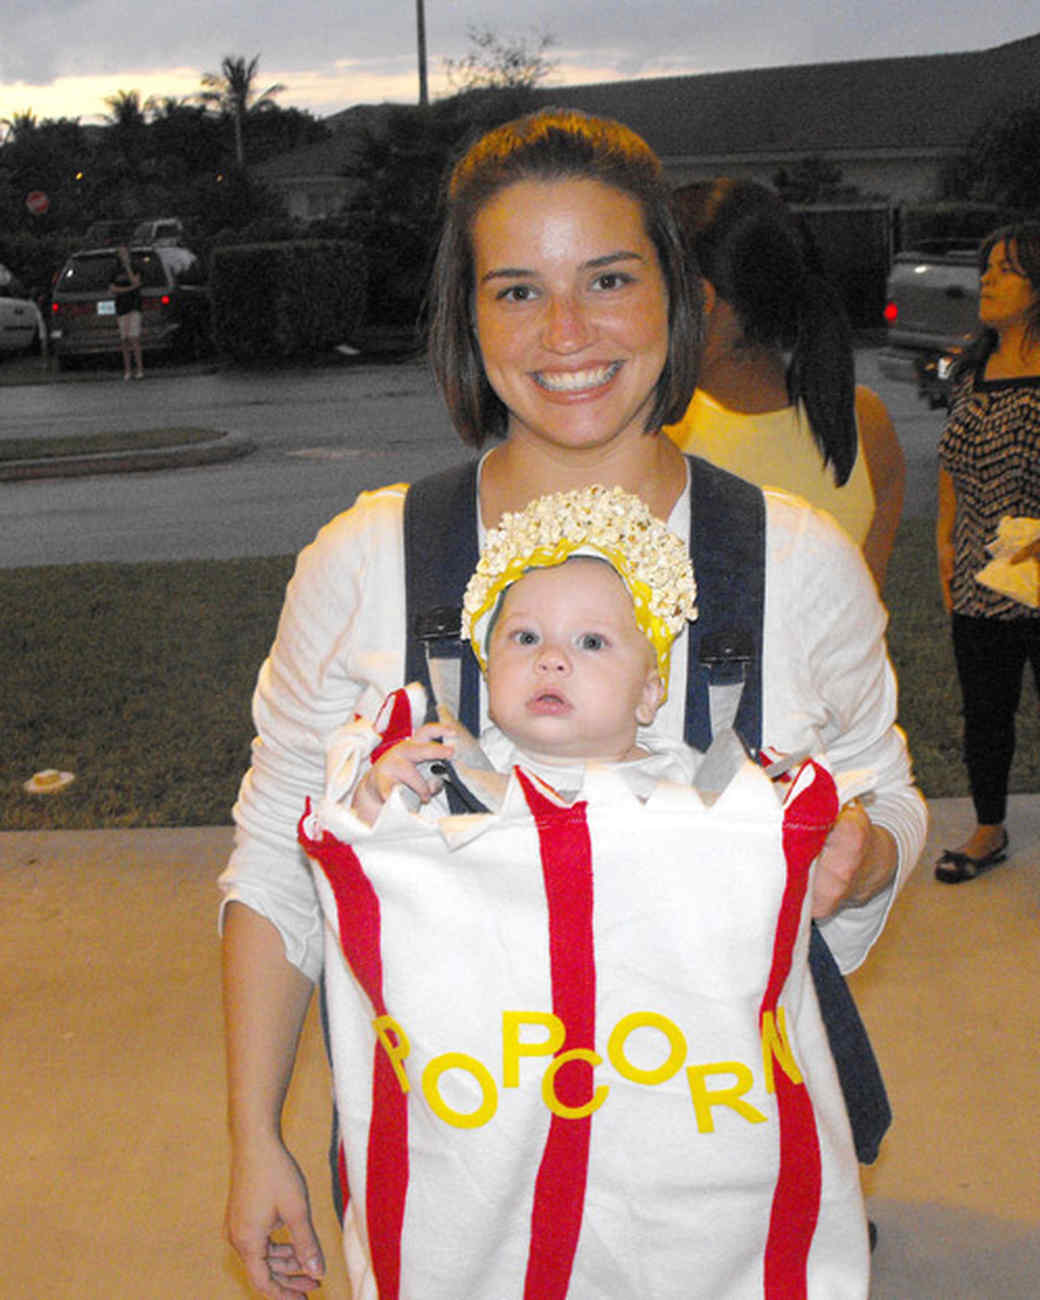 best_of_halloween09_popcorn.jpg